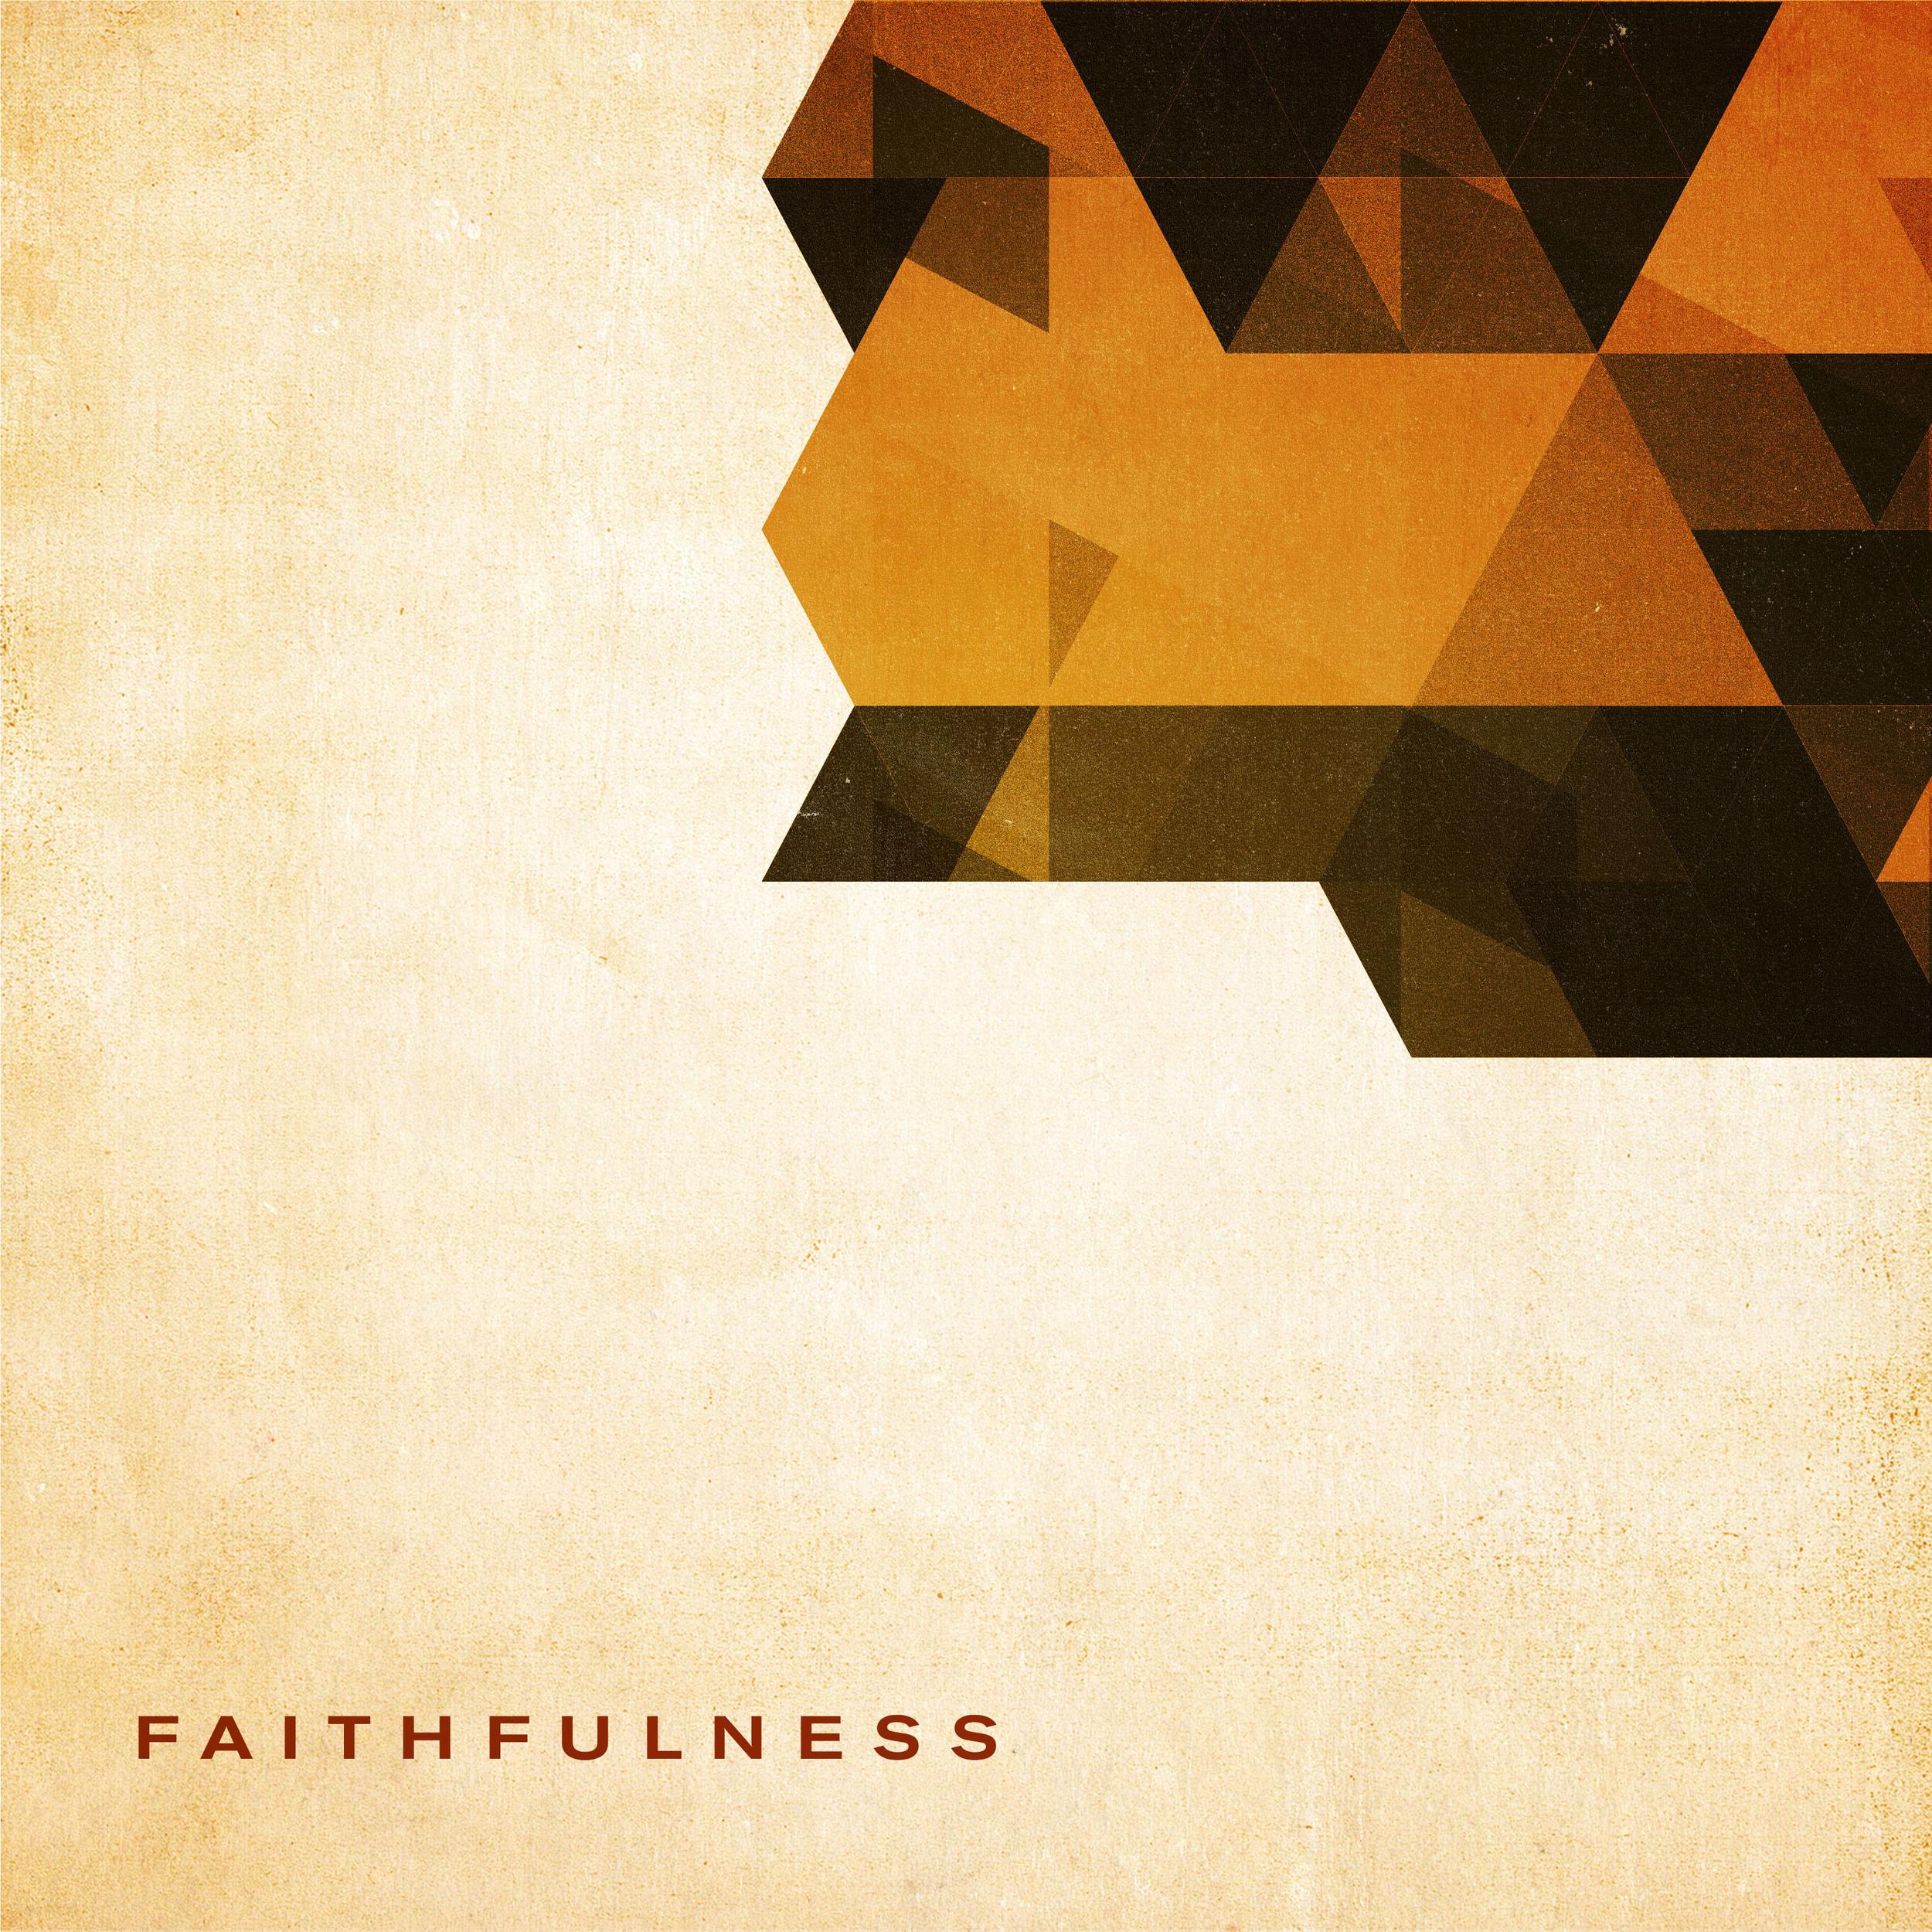 Fruit-of-the-Spirit__0006_7-Faithfulness.jpg